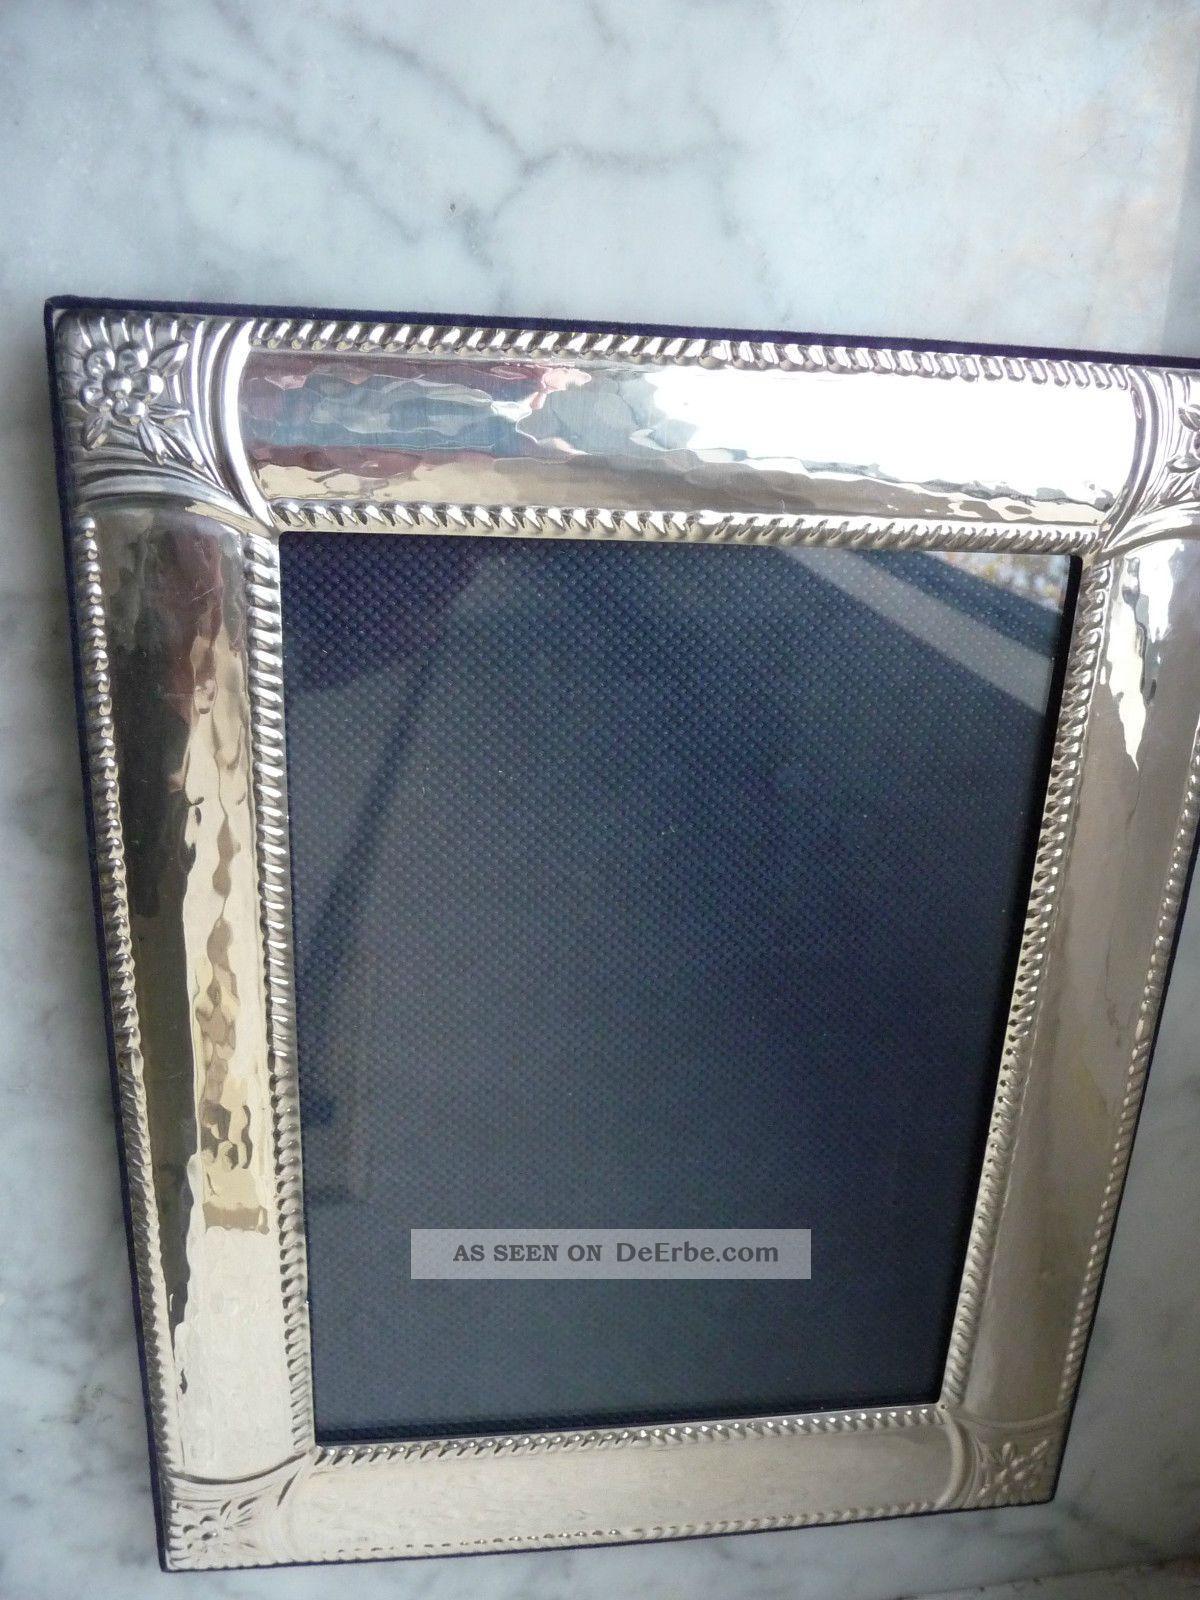 Silber Sterling 925 Bilder Rahmen Bilderrahmen Mit Glas 24 Cm X19 Cm ...